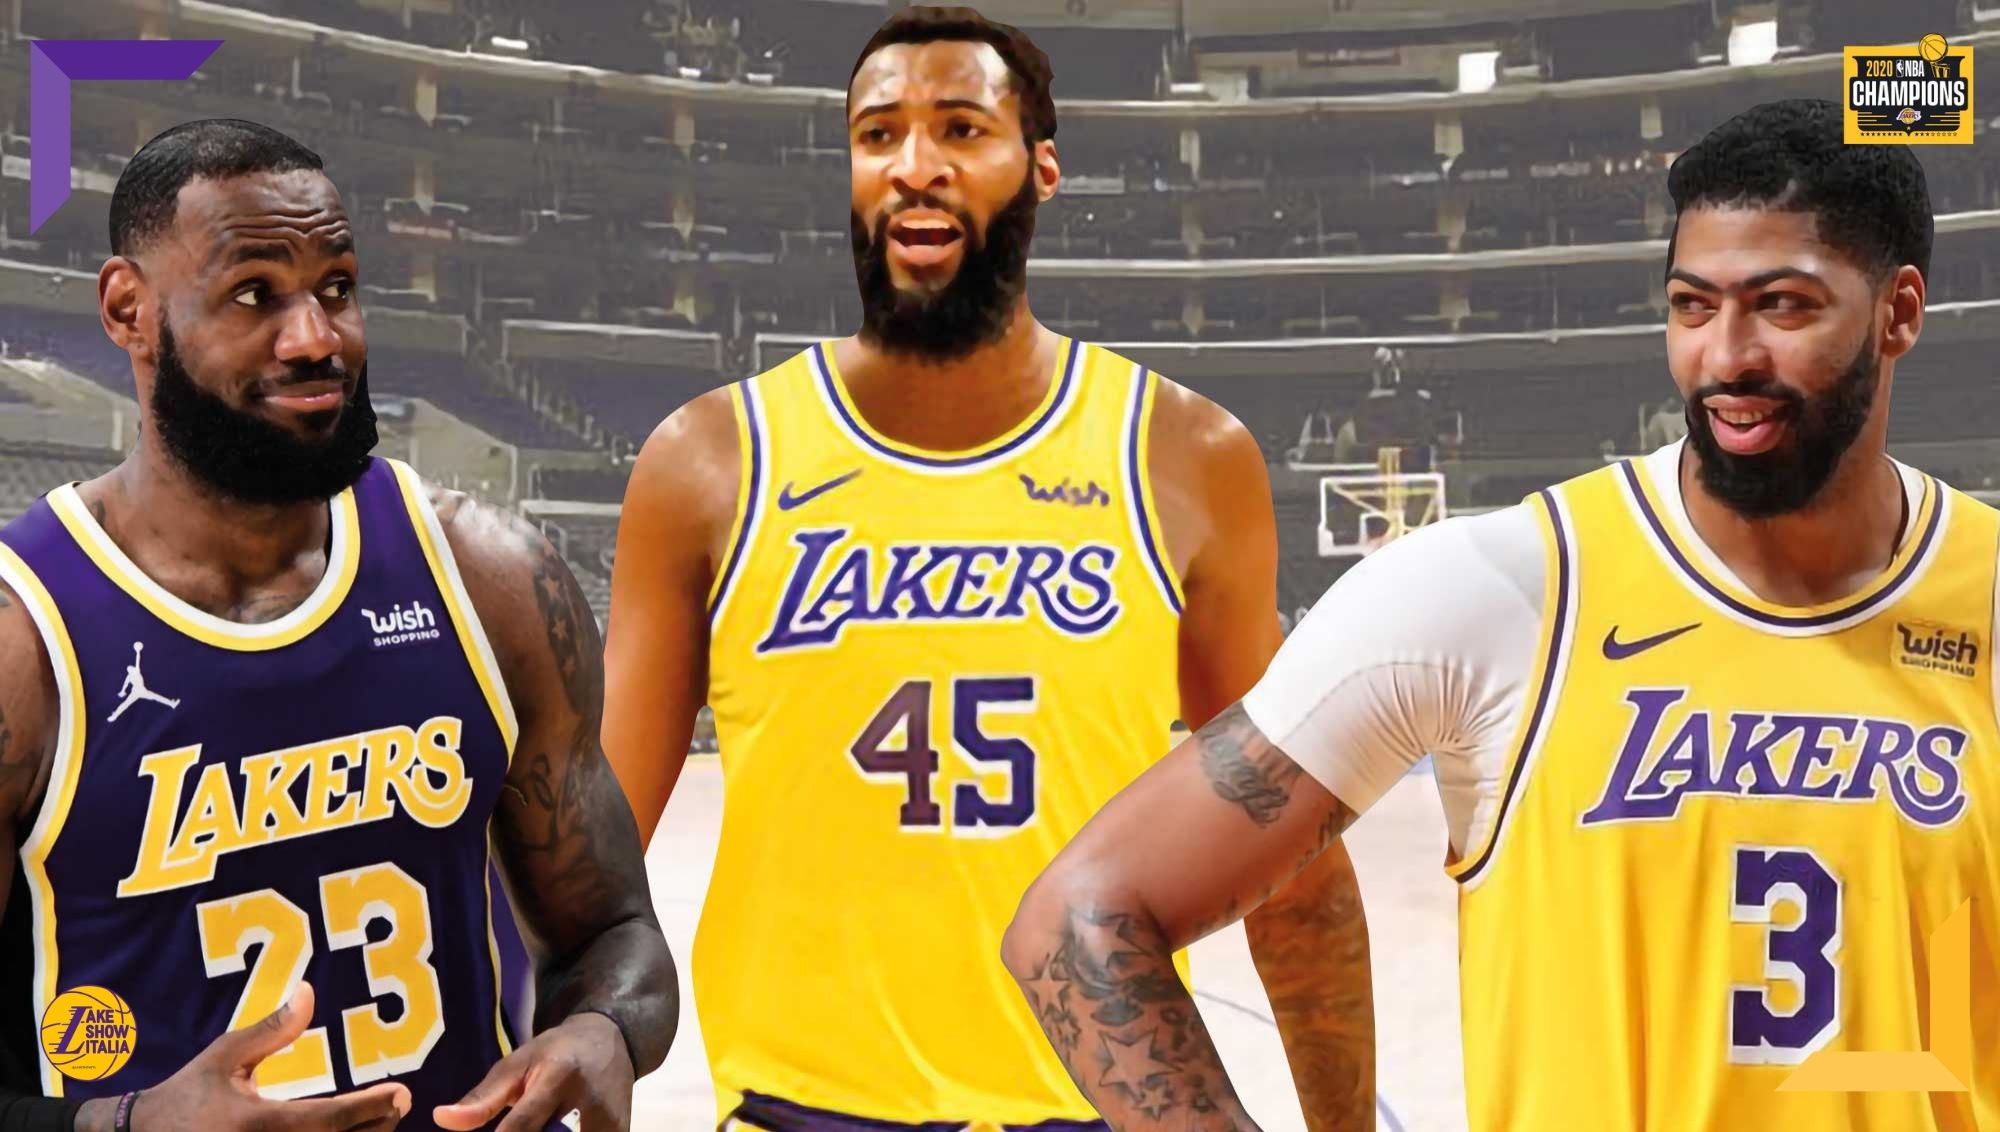 Perché Andre Drummond dovrà evolversi per diventare un giocatore funzionale in una contender come i Los Angeles Lakers.